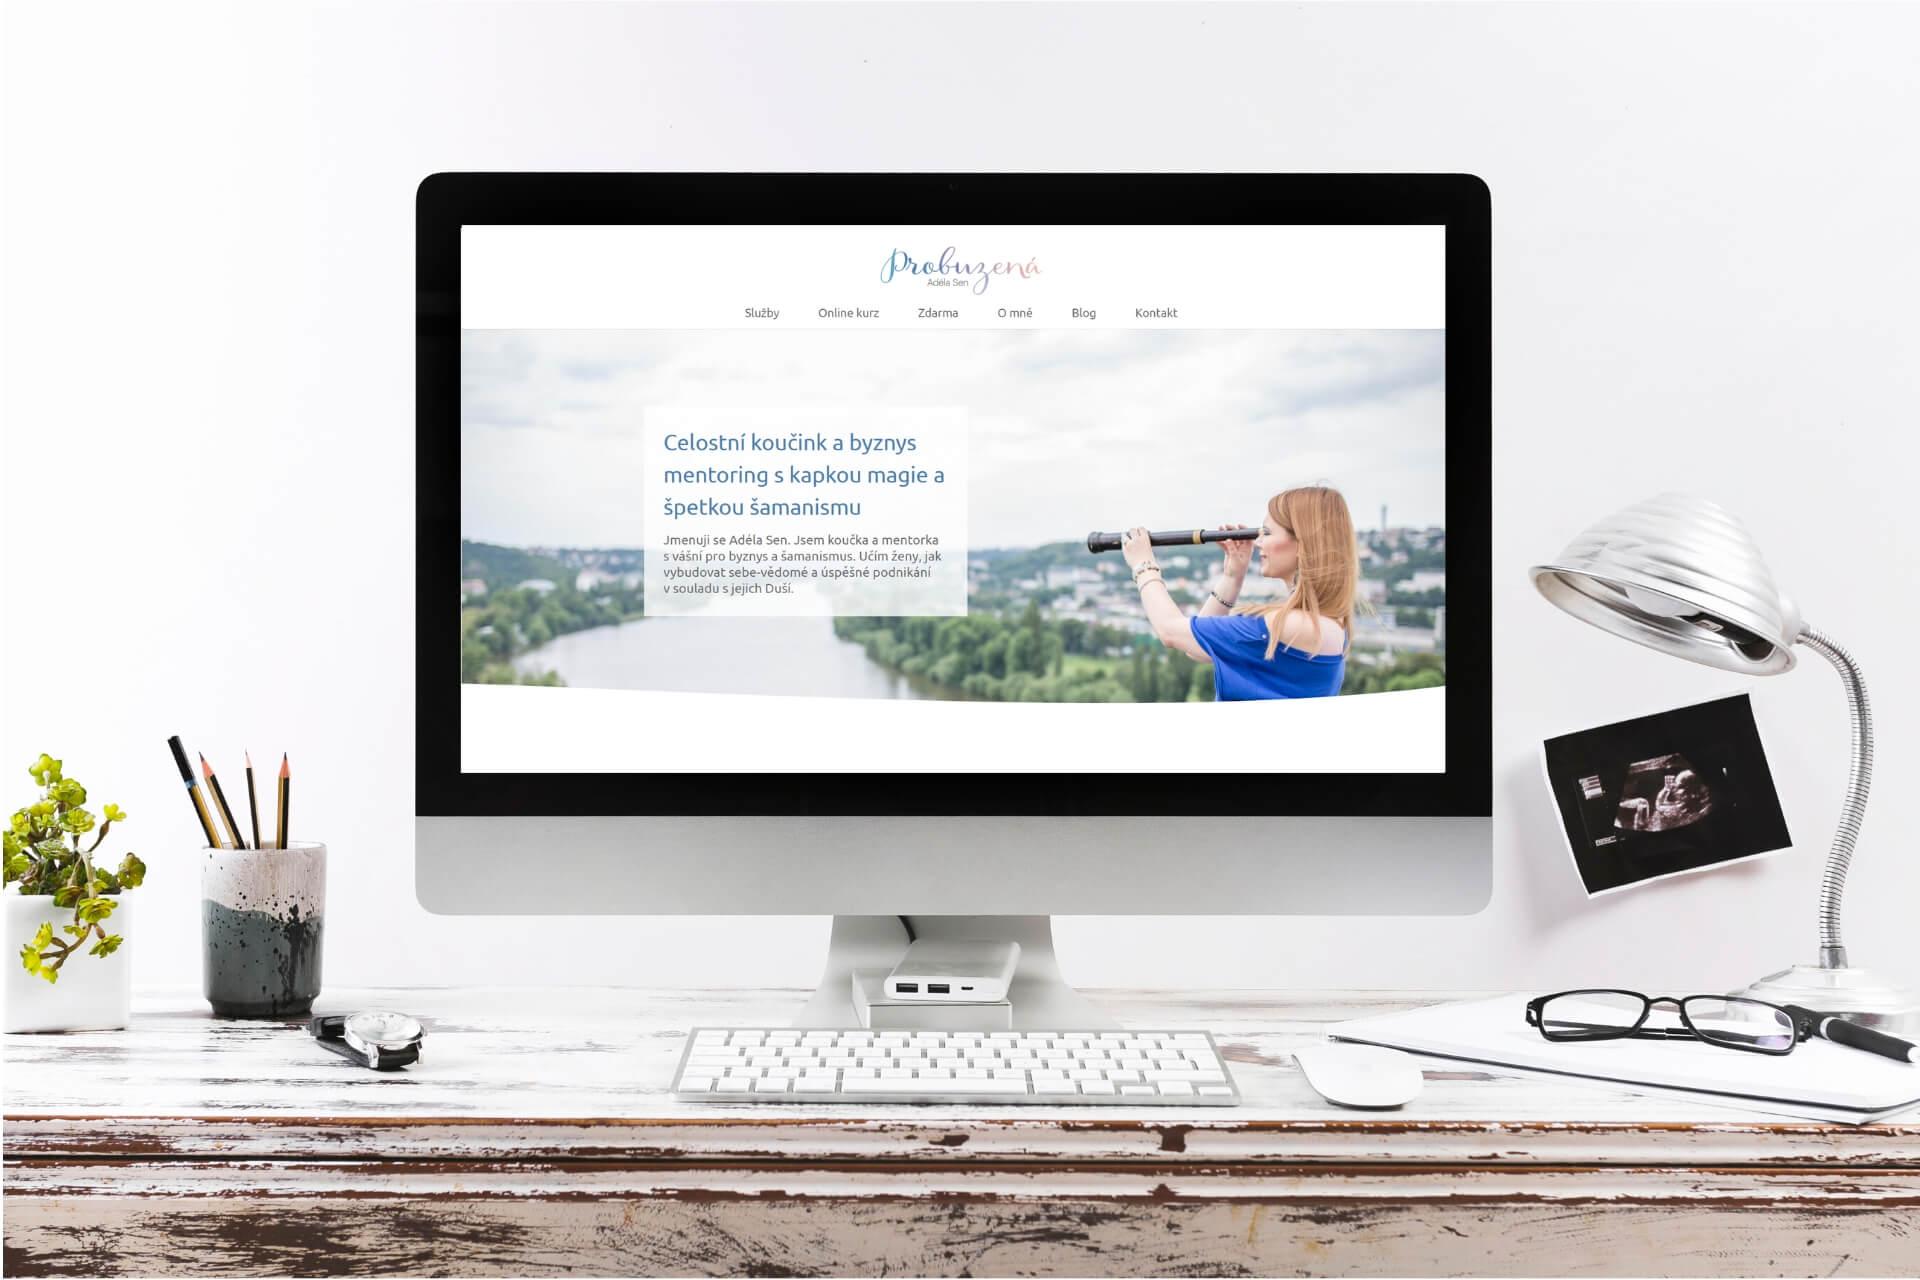 ludmila-hoosova-tvorbe-web-stranok-online-marketing-konzultacie-adela-sen-1